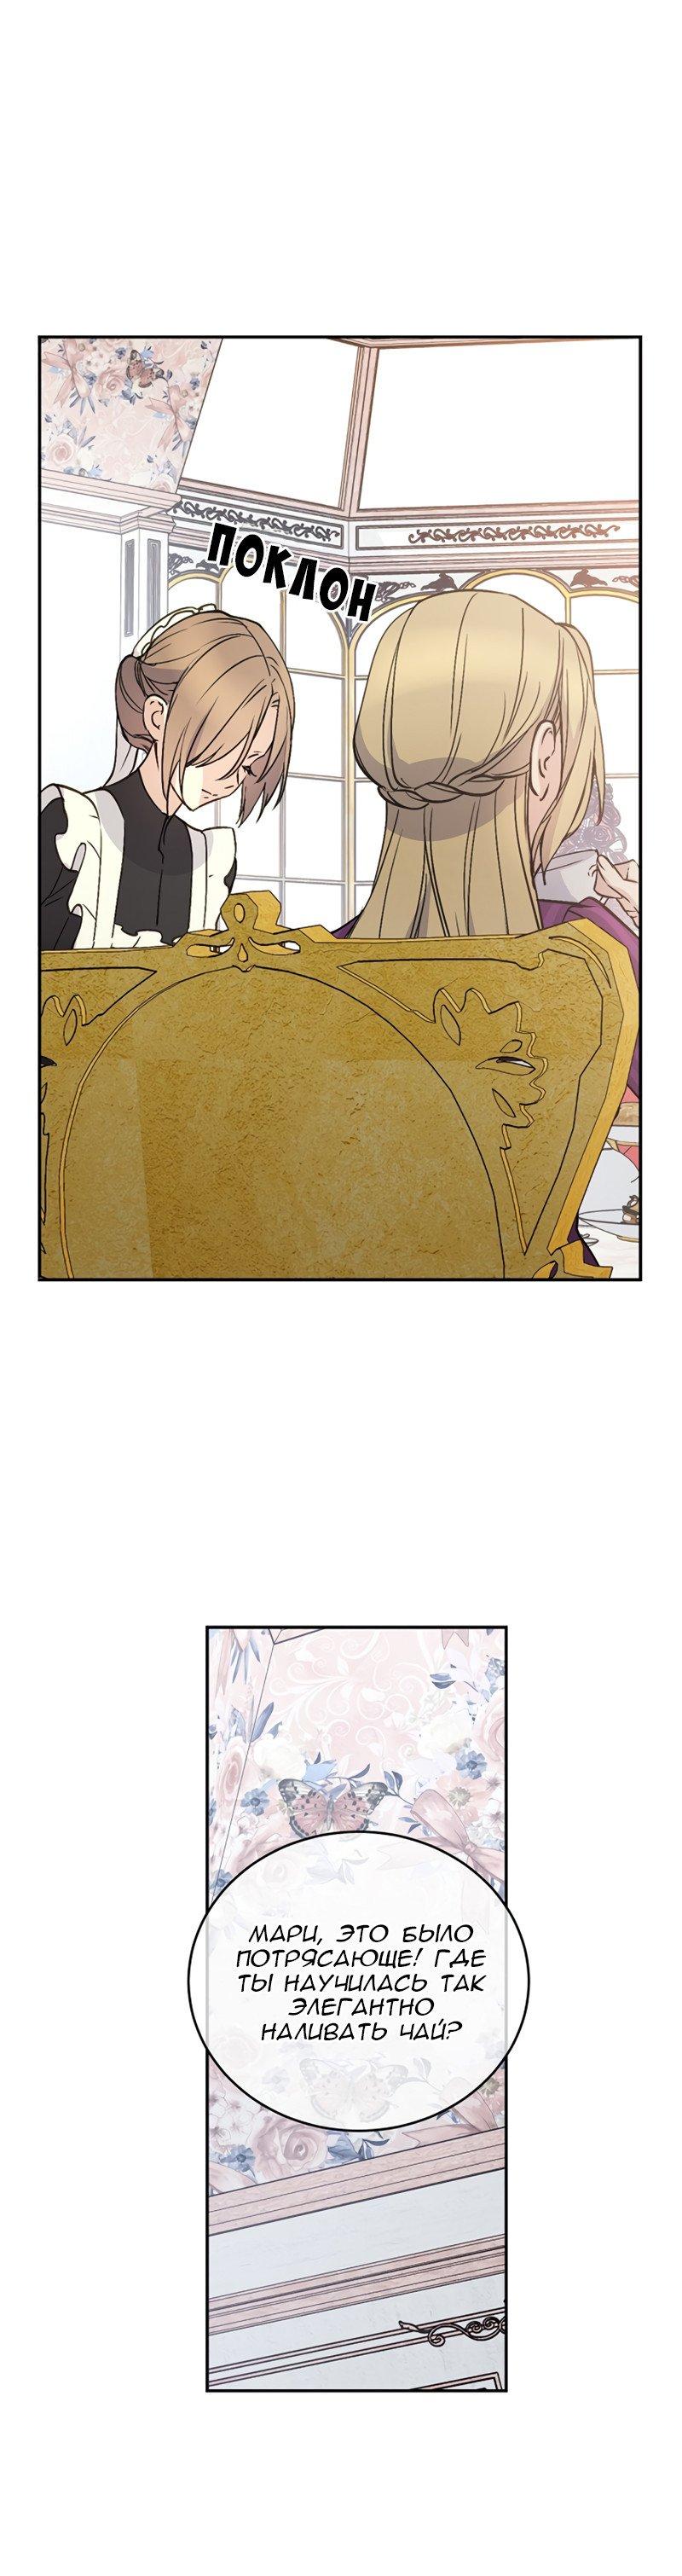 Манга Способная горничная / Capable maid  - Том 1 Глава 2 Страница 26